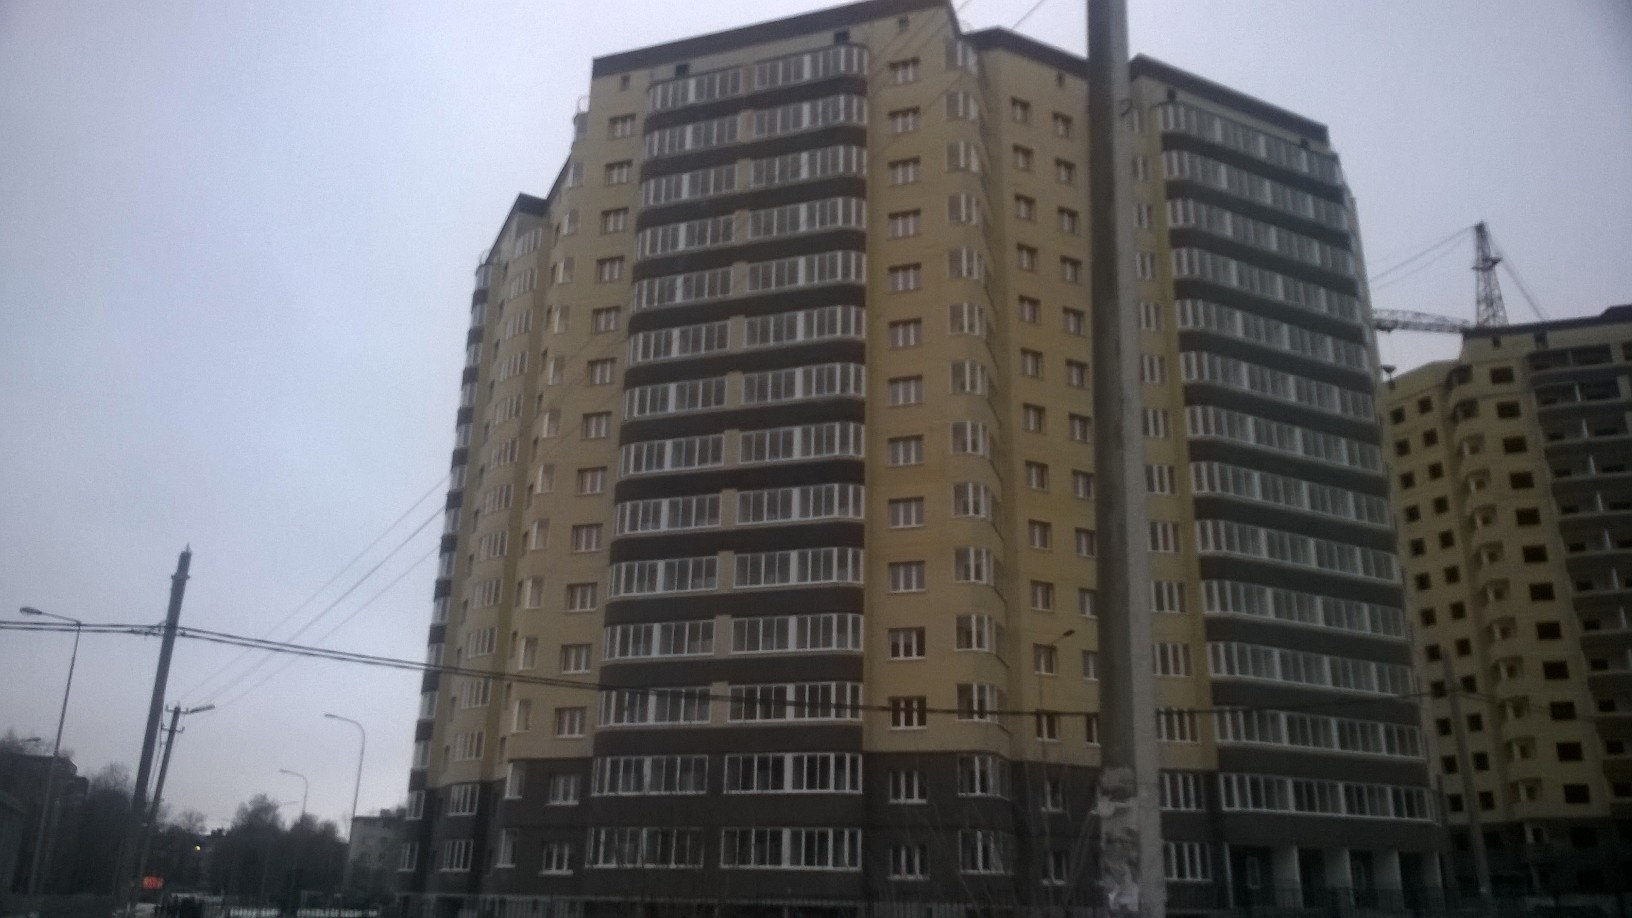 строительство жк москворецкий воскресенск фото также проведение конкурсов